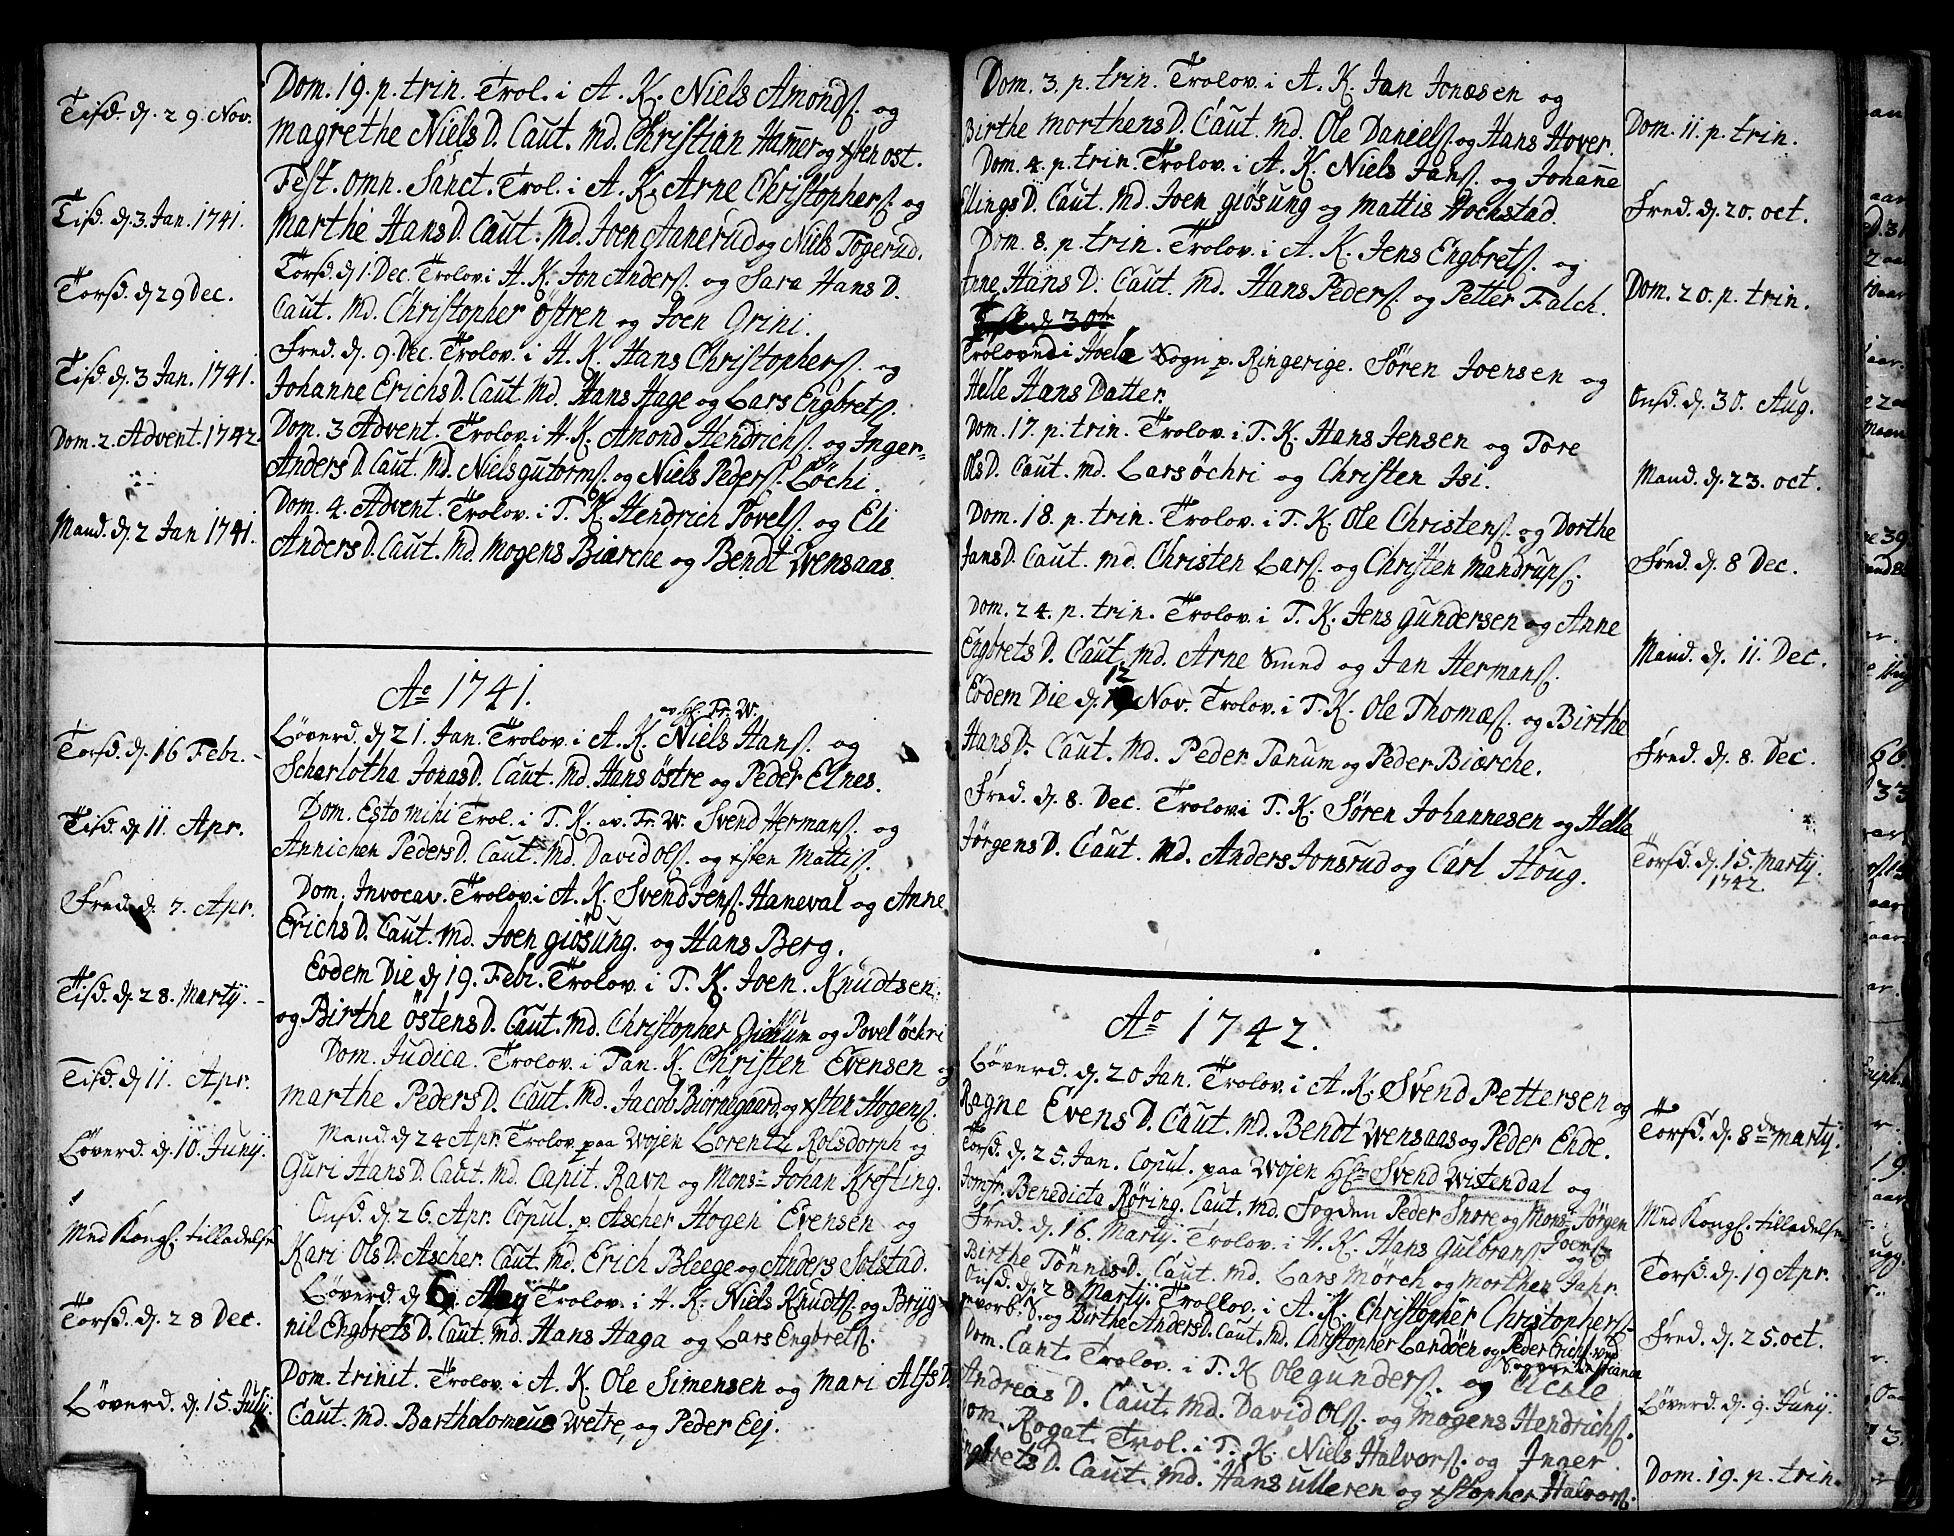 SAO, Asker prestekontor Kirkebøker, F/Fa/L0001: Ministerialbok nr. I 1, 1726-1744, s. 92